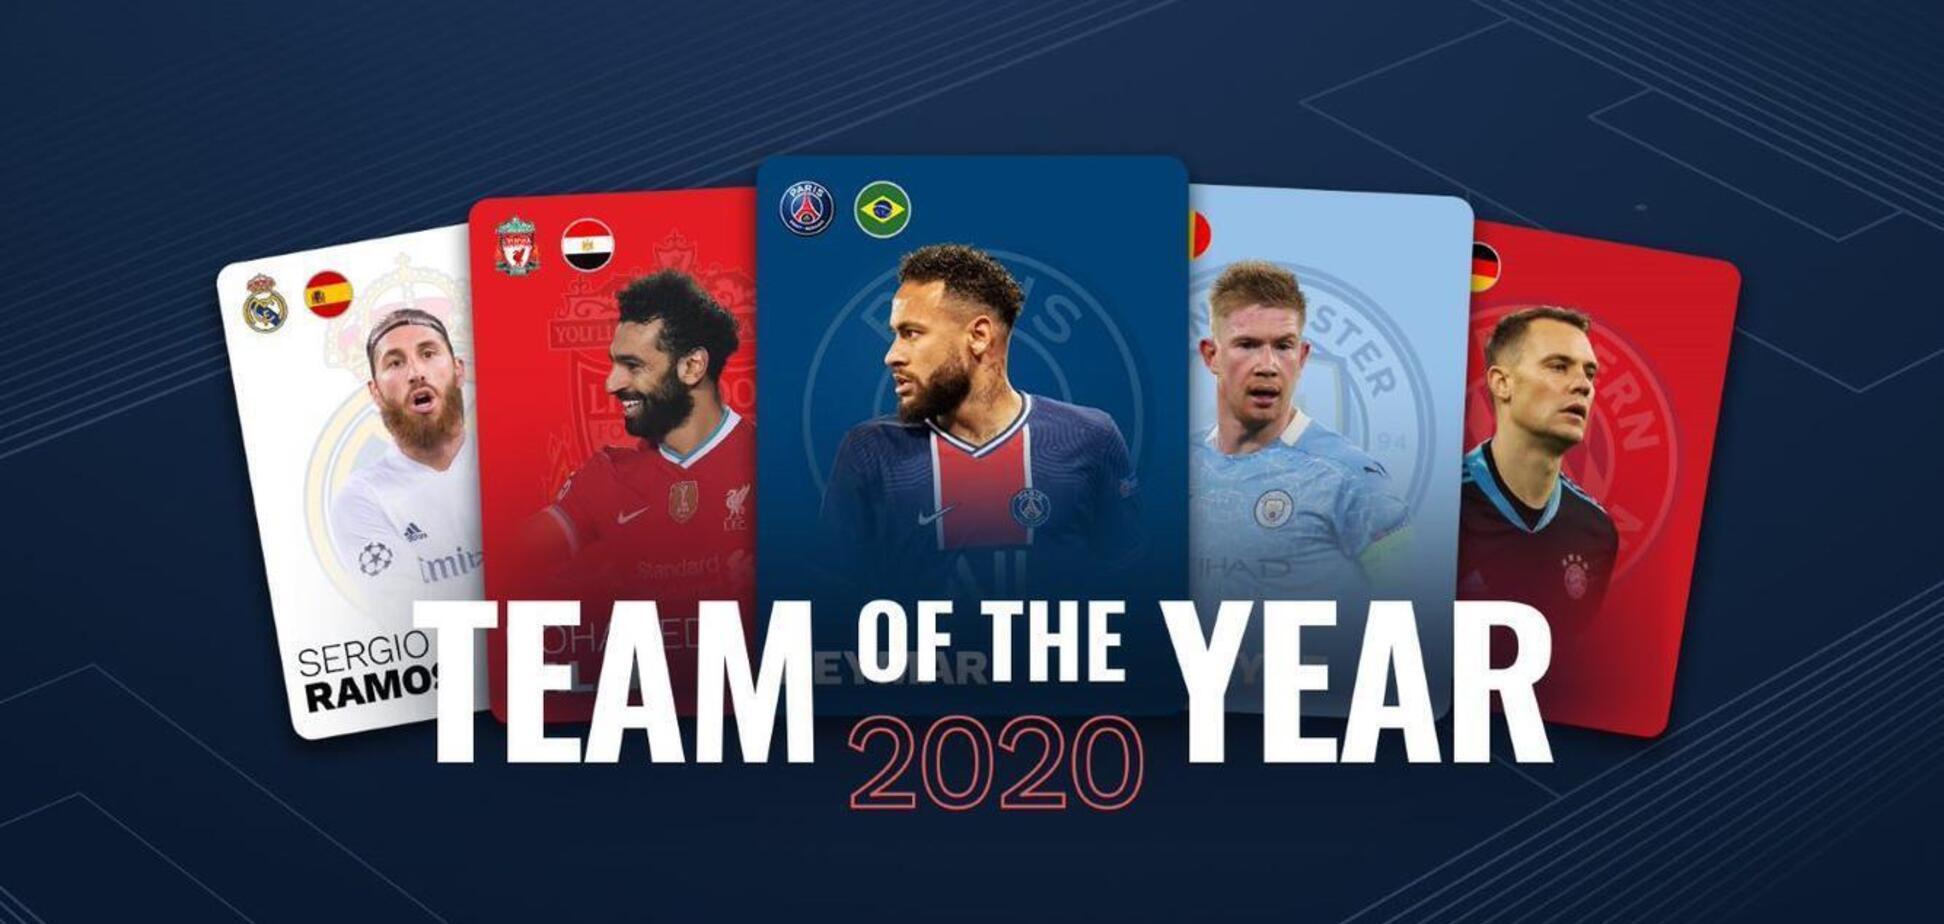 УЄФА вніс п'ять футболістів 'Баварії' до команди 2020 року